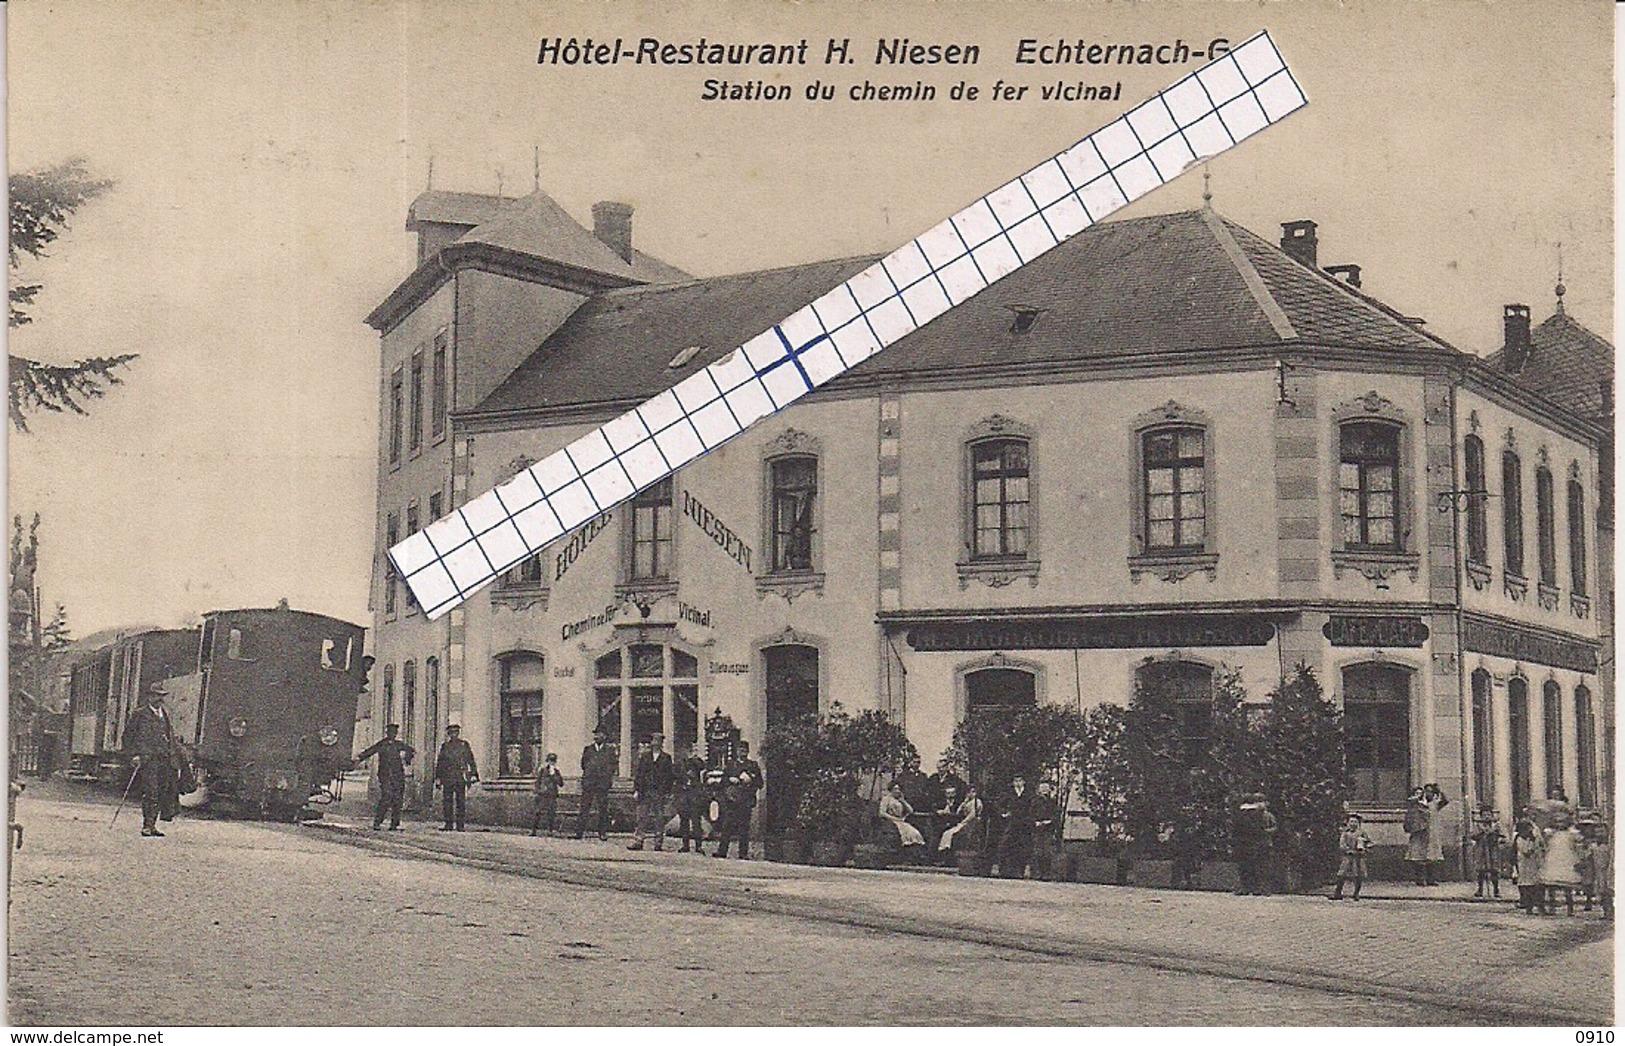 """ECHTERNACH GARE""""HOTEL RESTAURANT NIESEN AVEC TRAM A VAPEUR-STATION DU CHEMIN DE FER VICINAL""""EDIT.BELLWALD N°1022 - Echternach"""